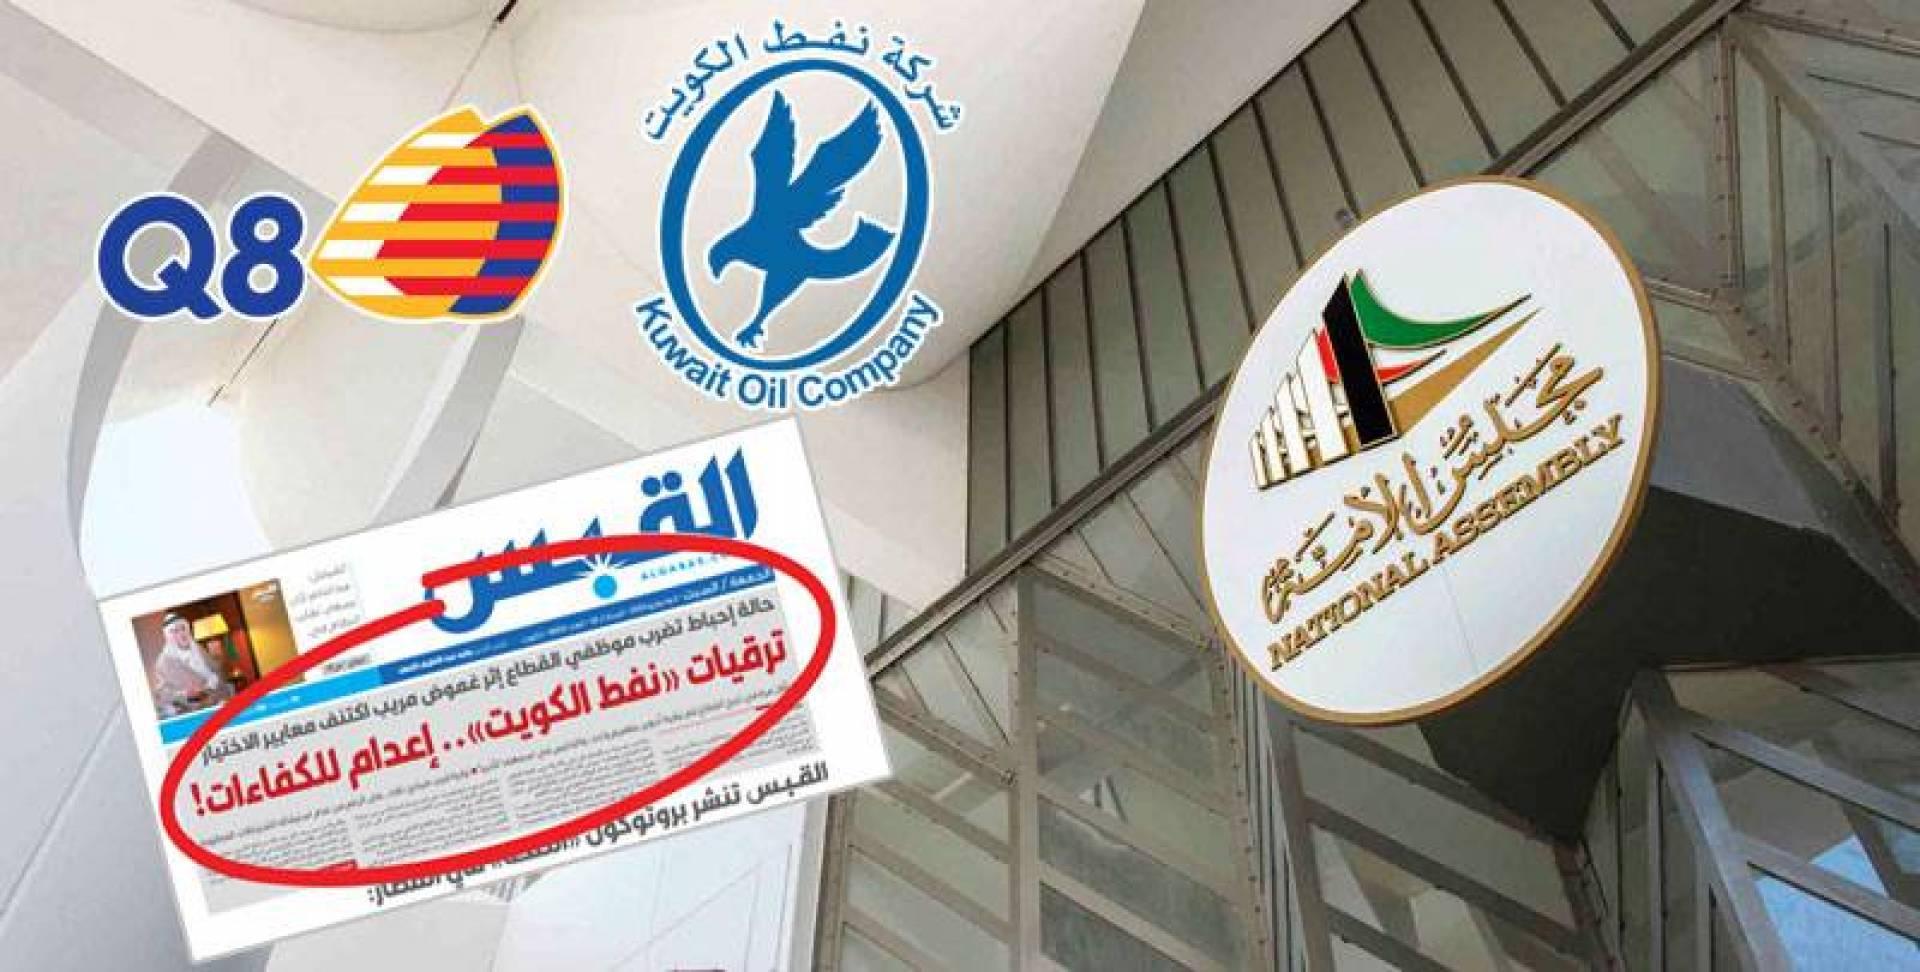 «التحقيق البرلمانية»  تستدعي «نفط الكويت» و«البترول العالمية»